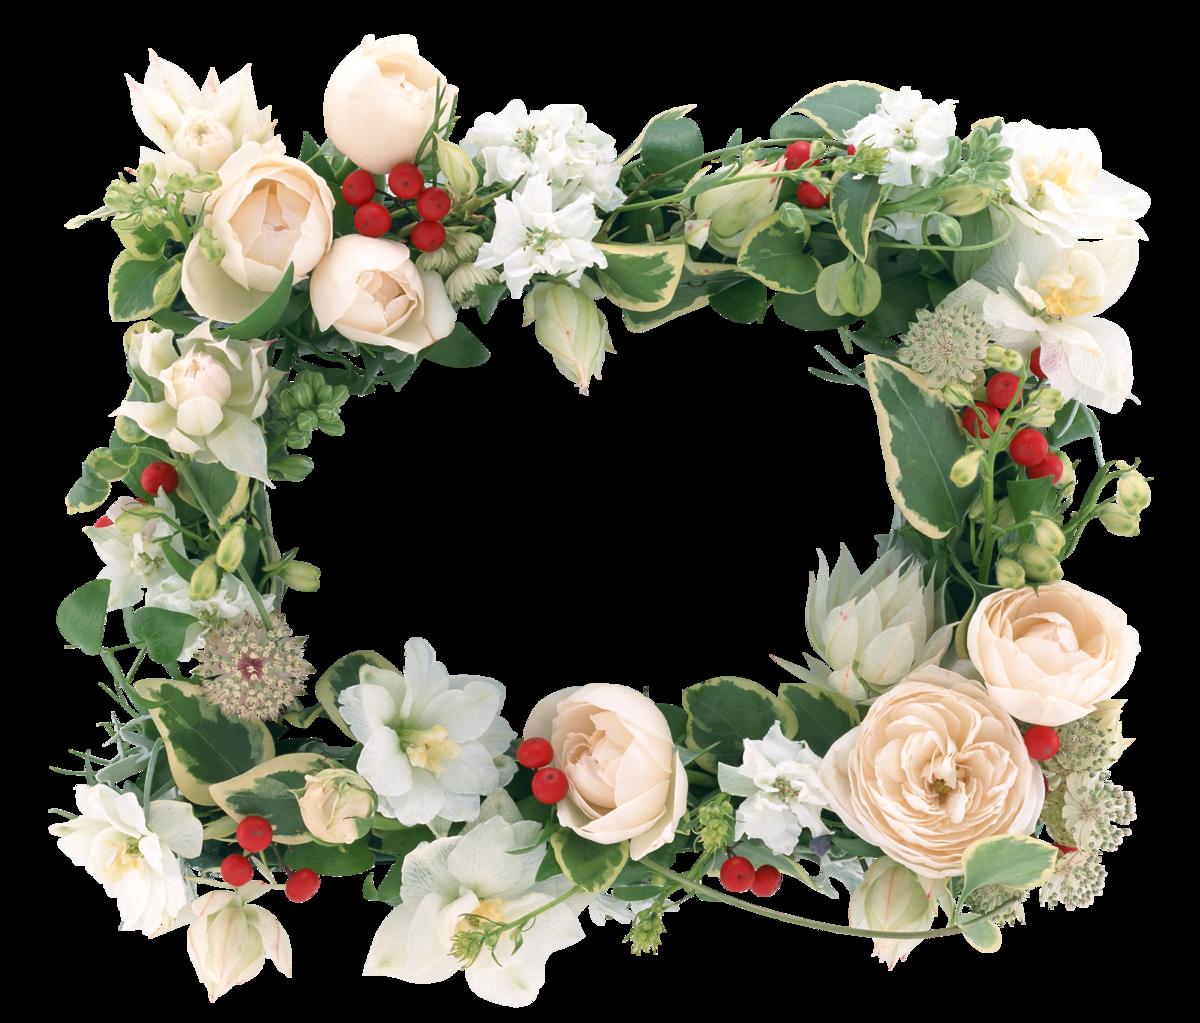 Фото в рамке из цветов